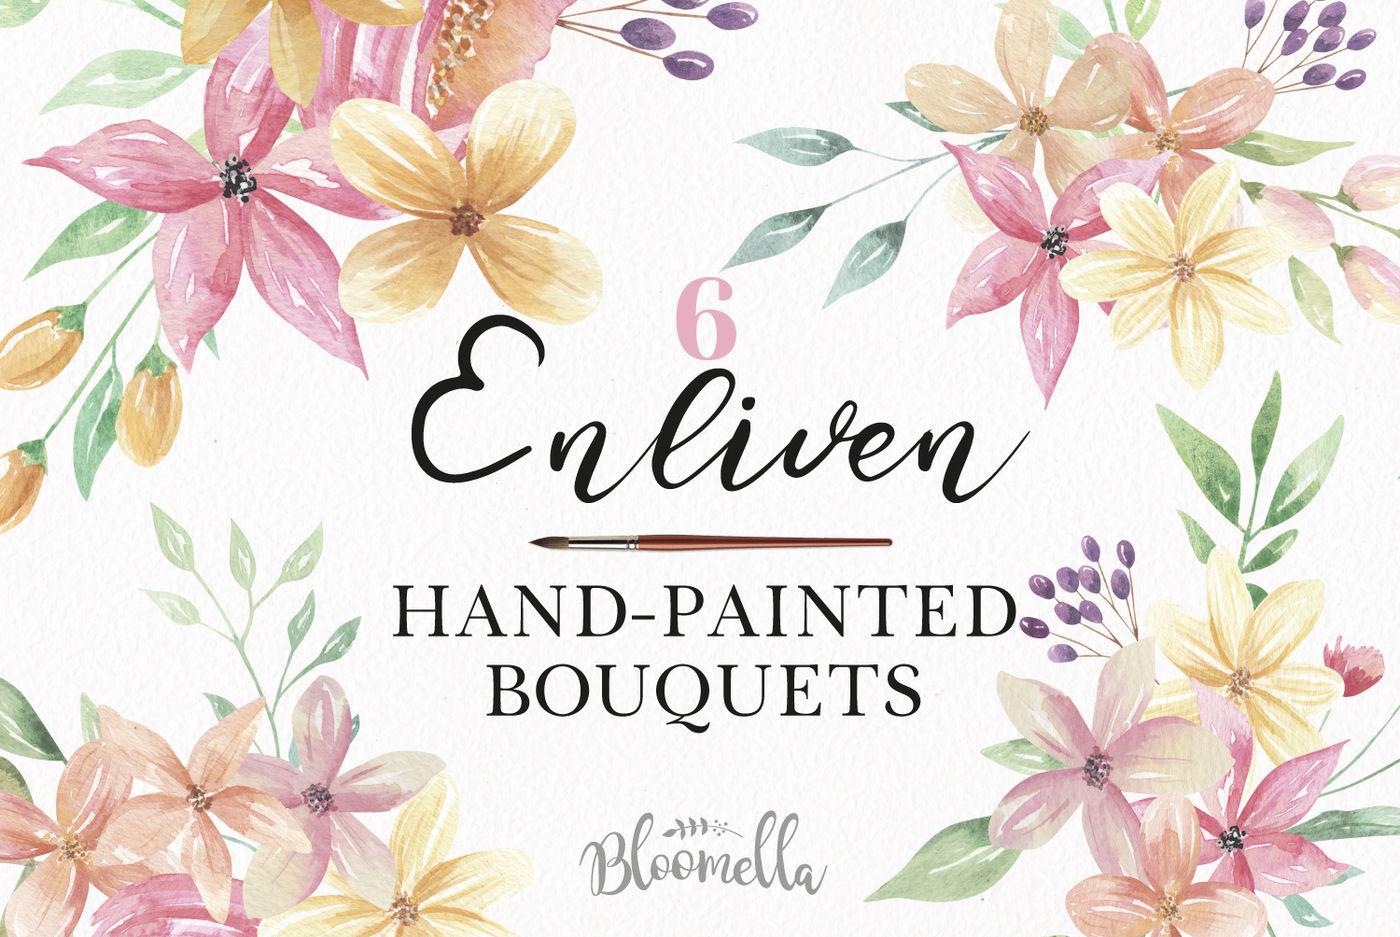 Watercolor Enliven Floral Blooms Berry Bouquets Pink Pastel Colors